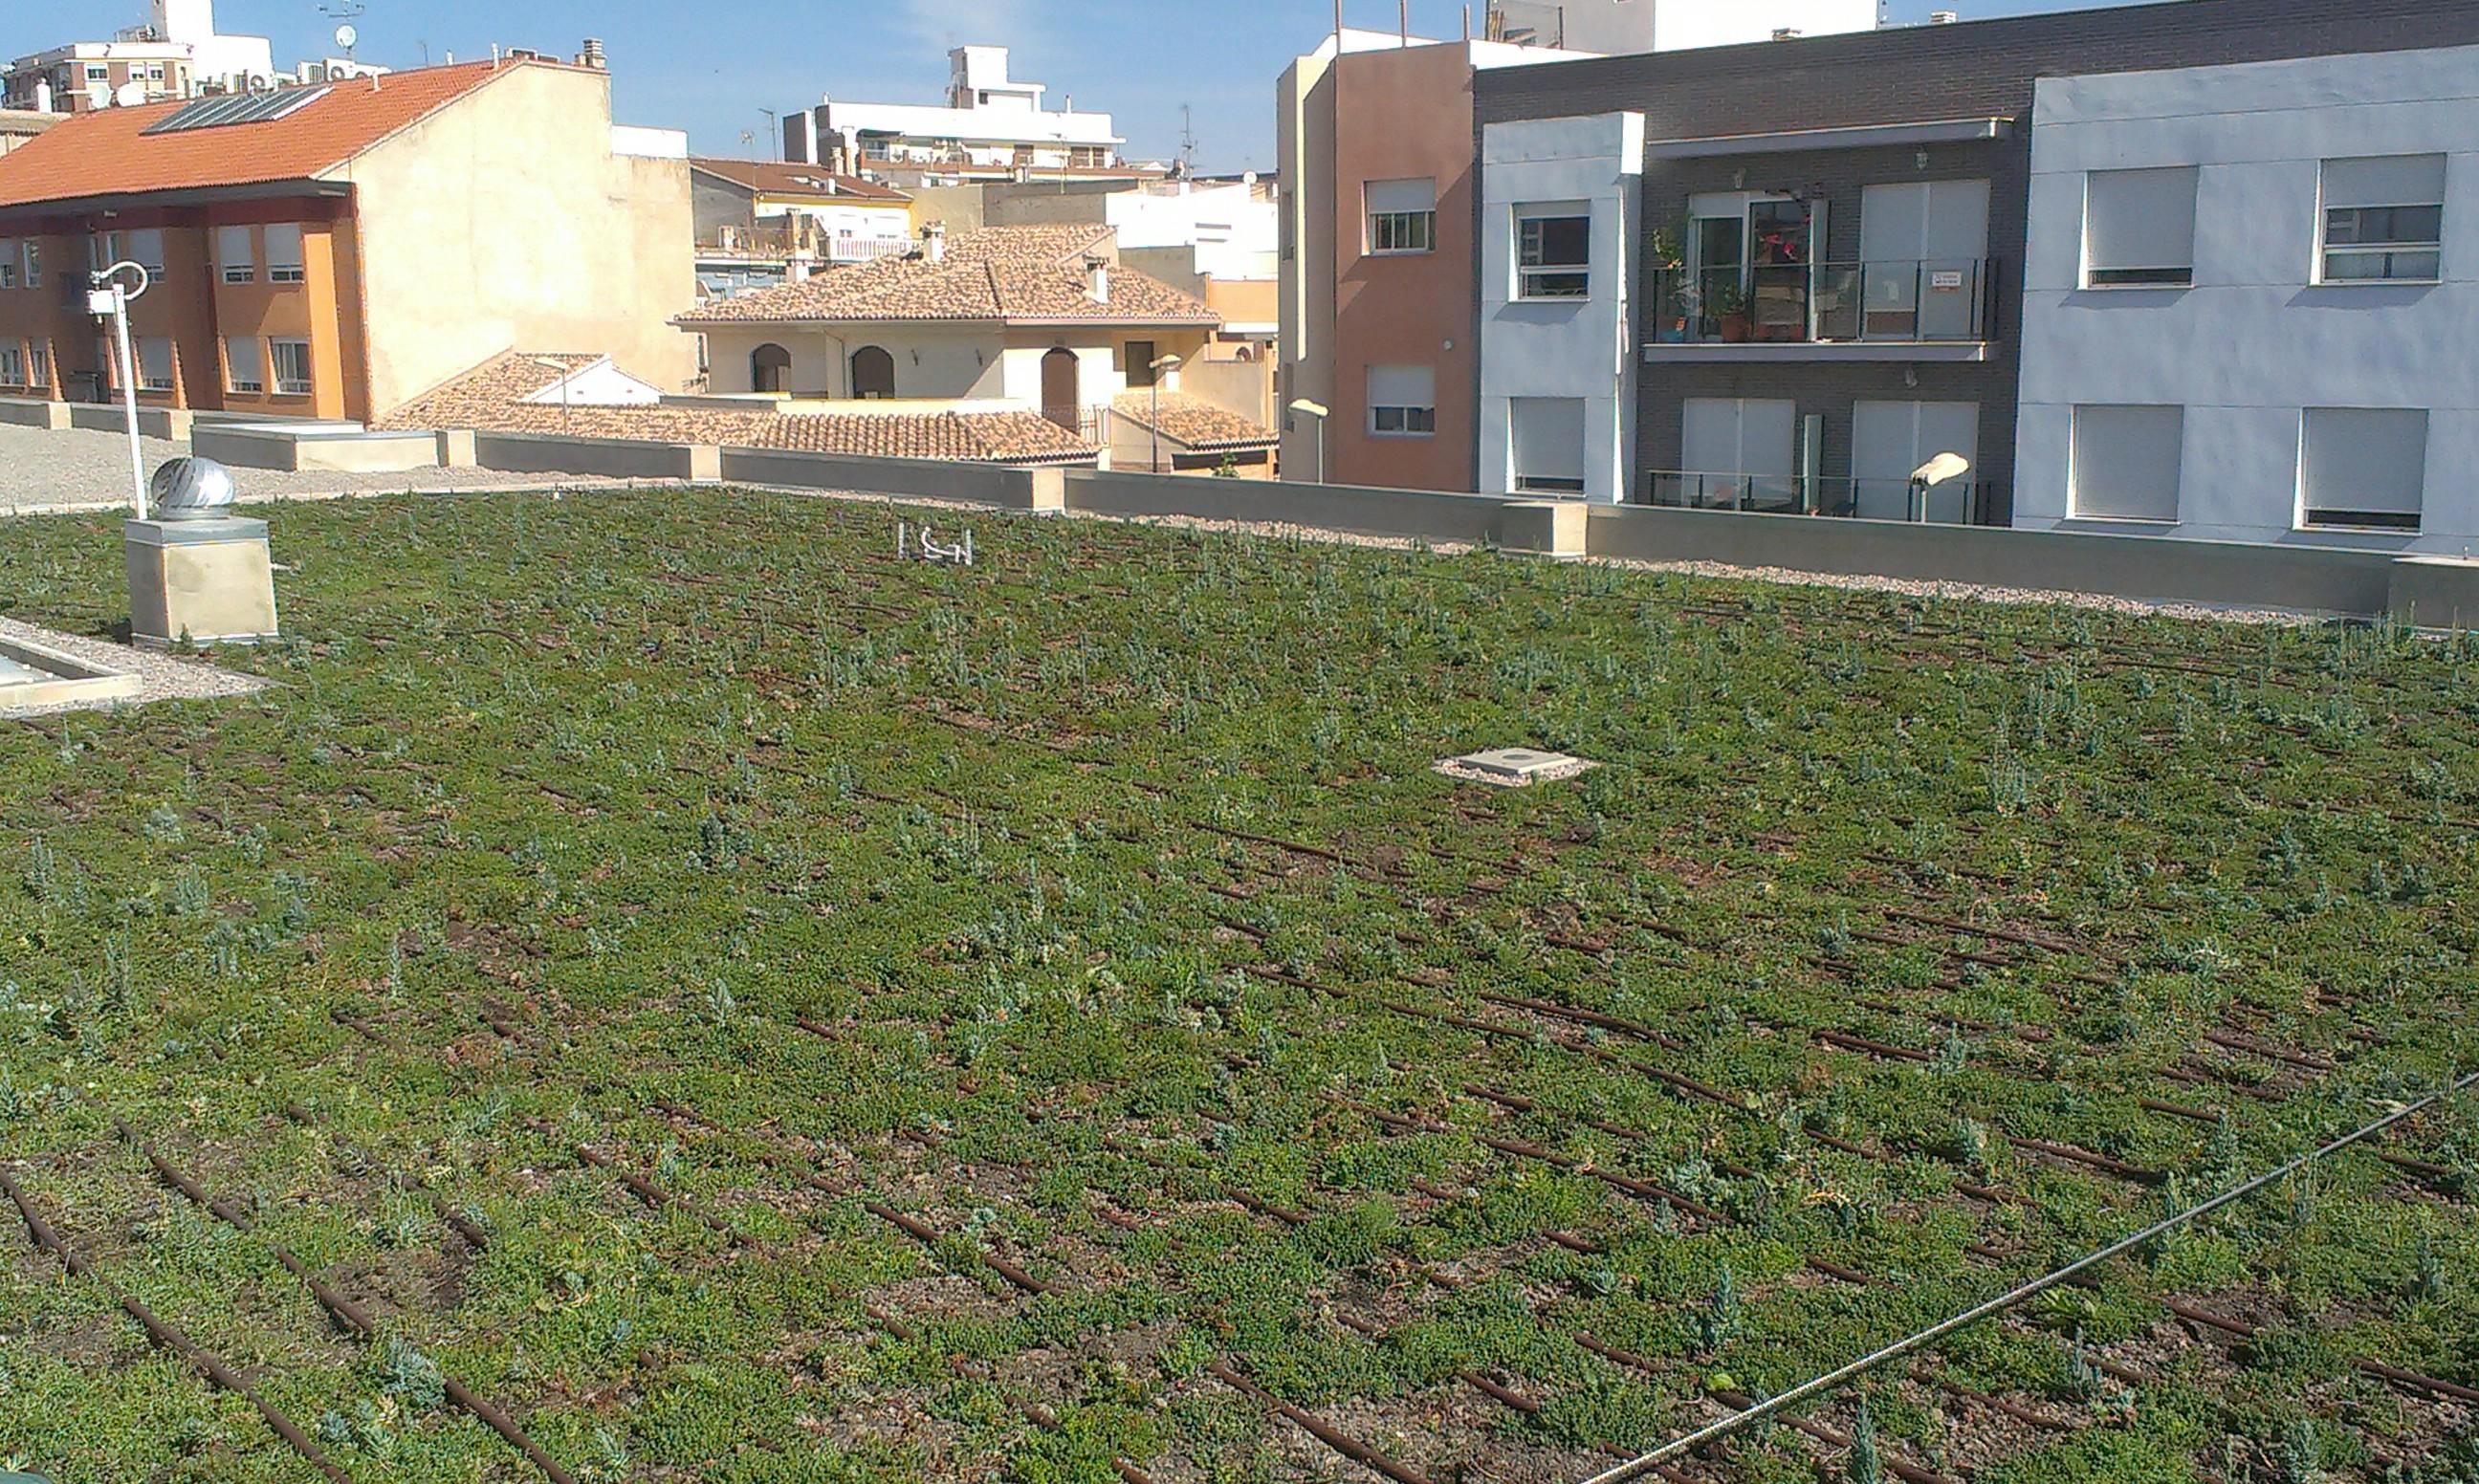 Cubierta vegetada de Benaguasil. Fuente: AlphaGalileo.